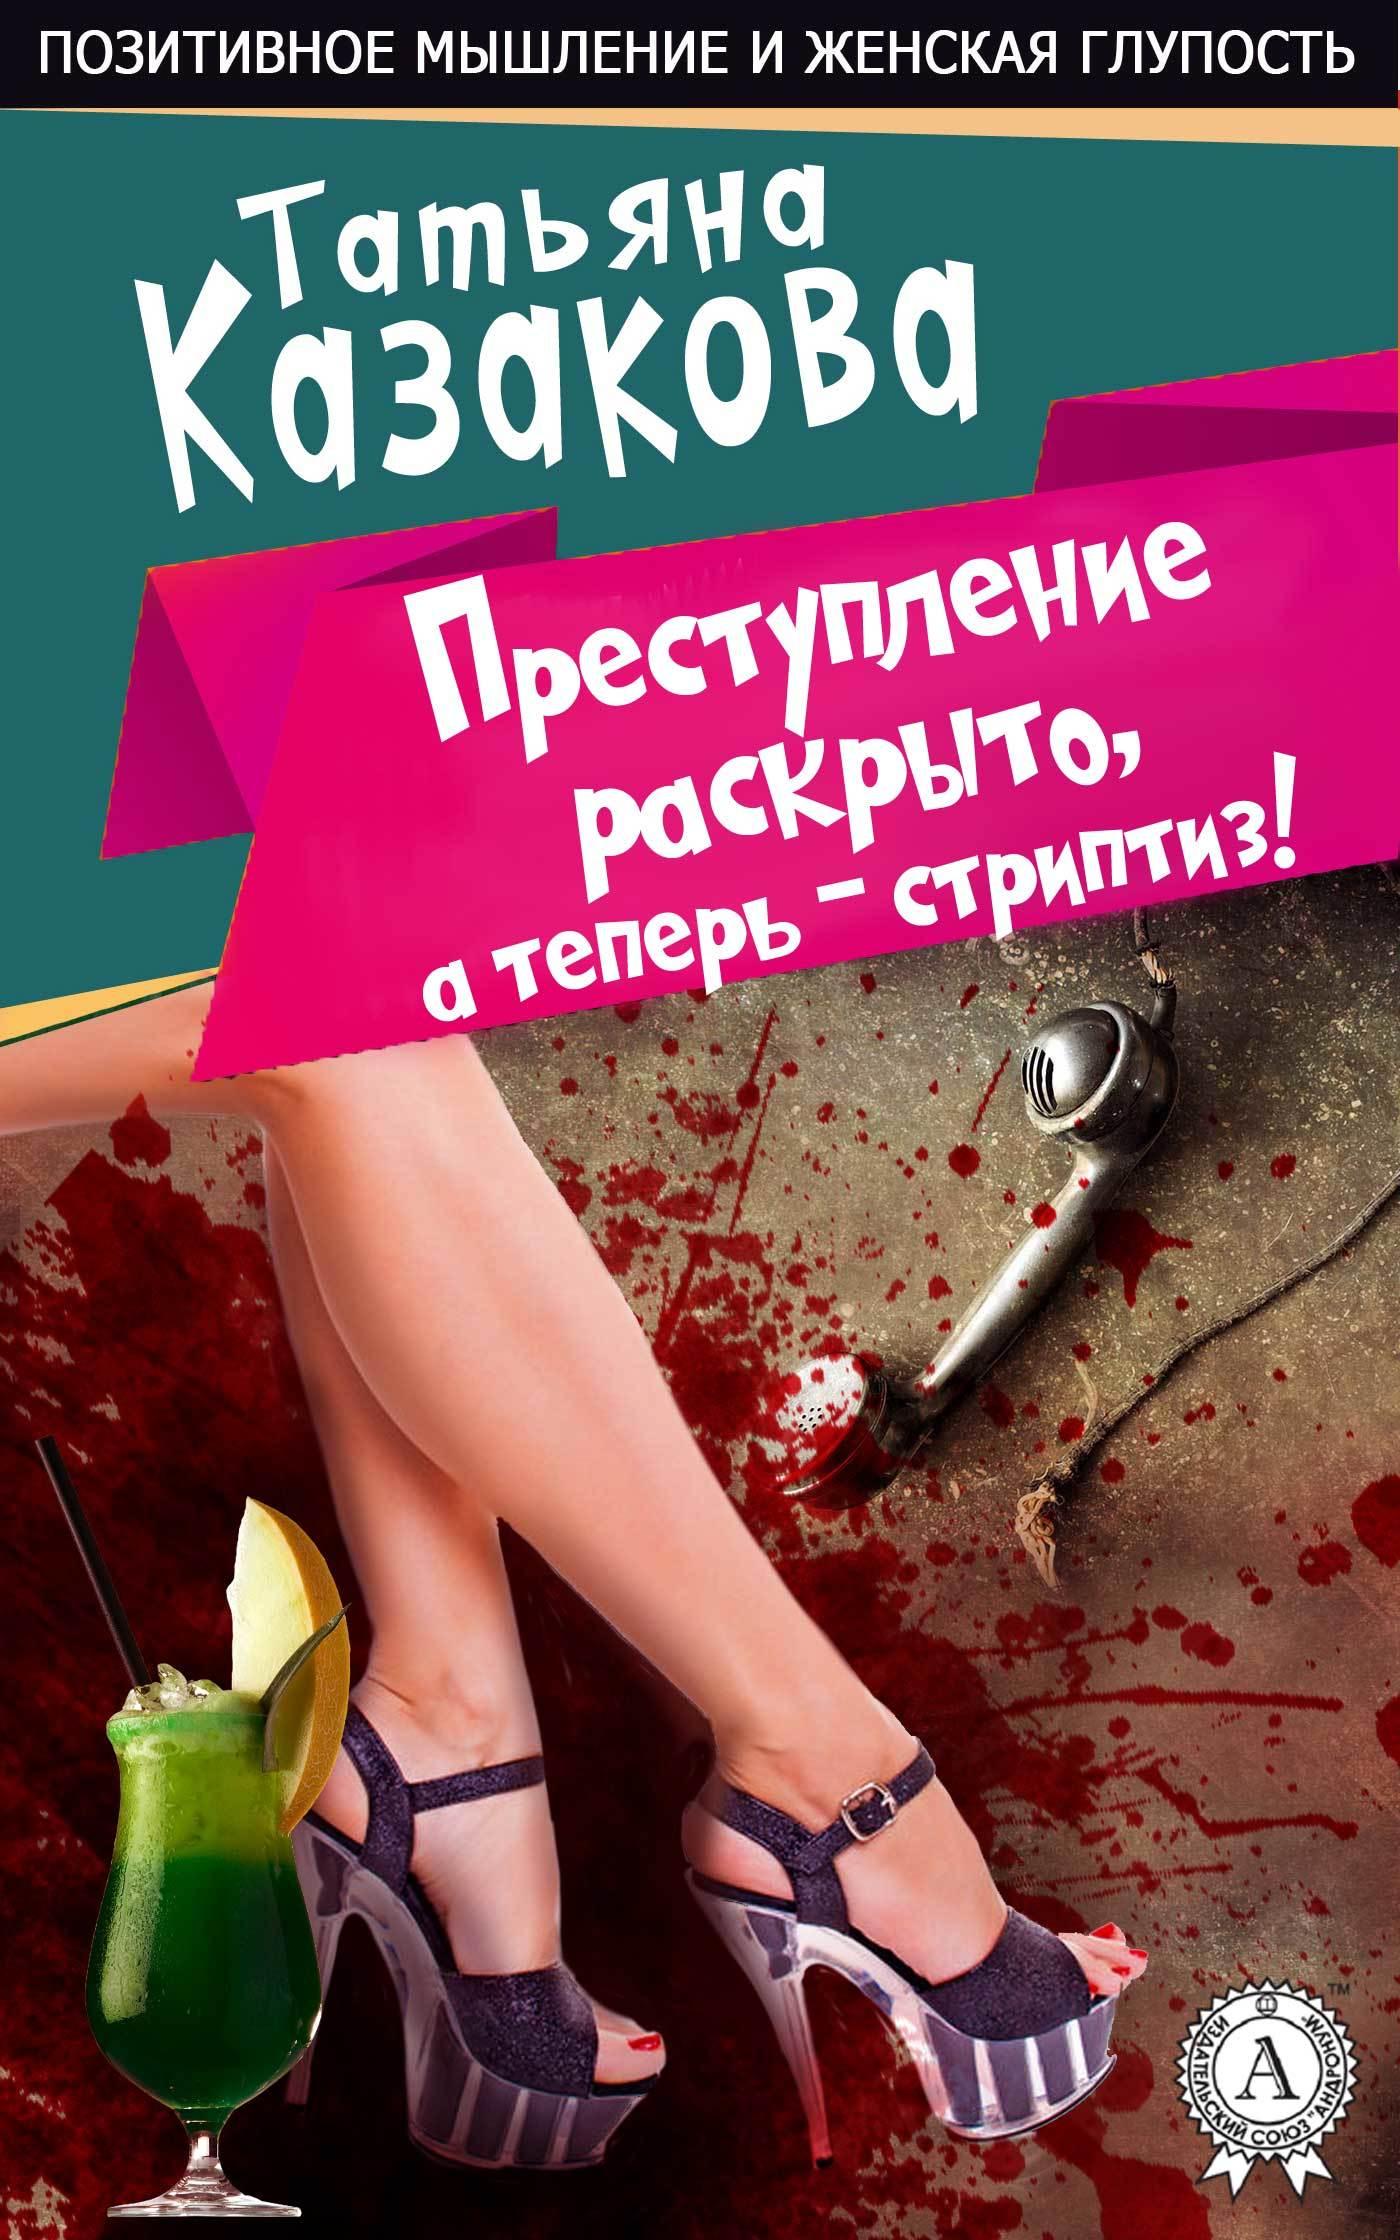 Татьяна Казакова бесплатно